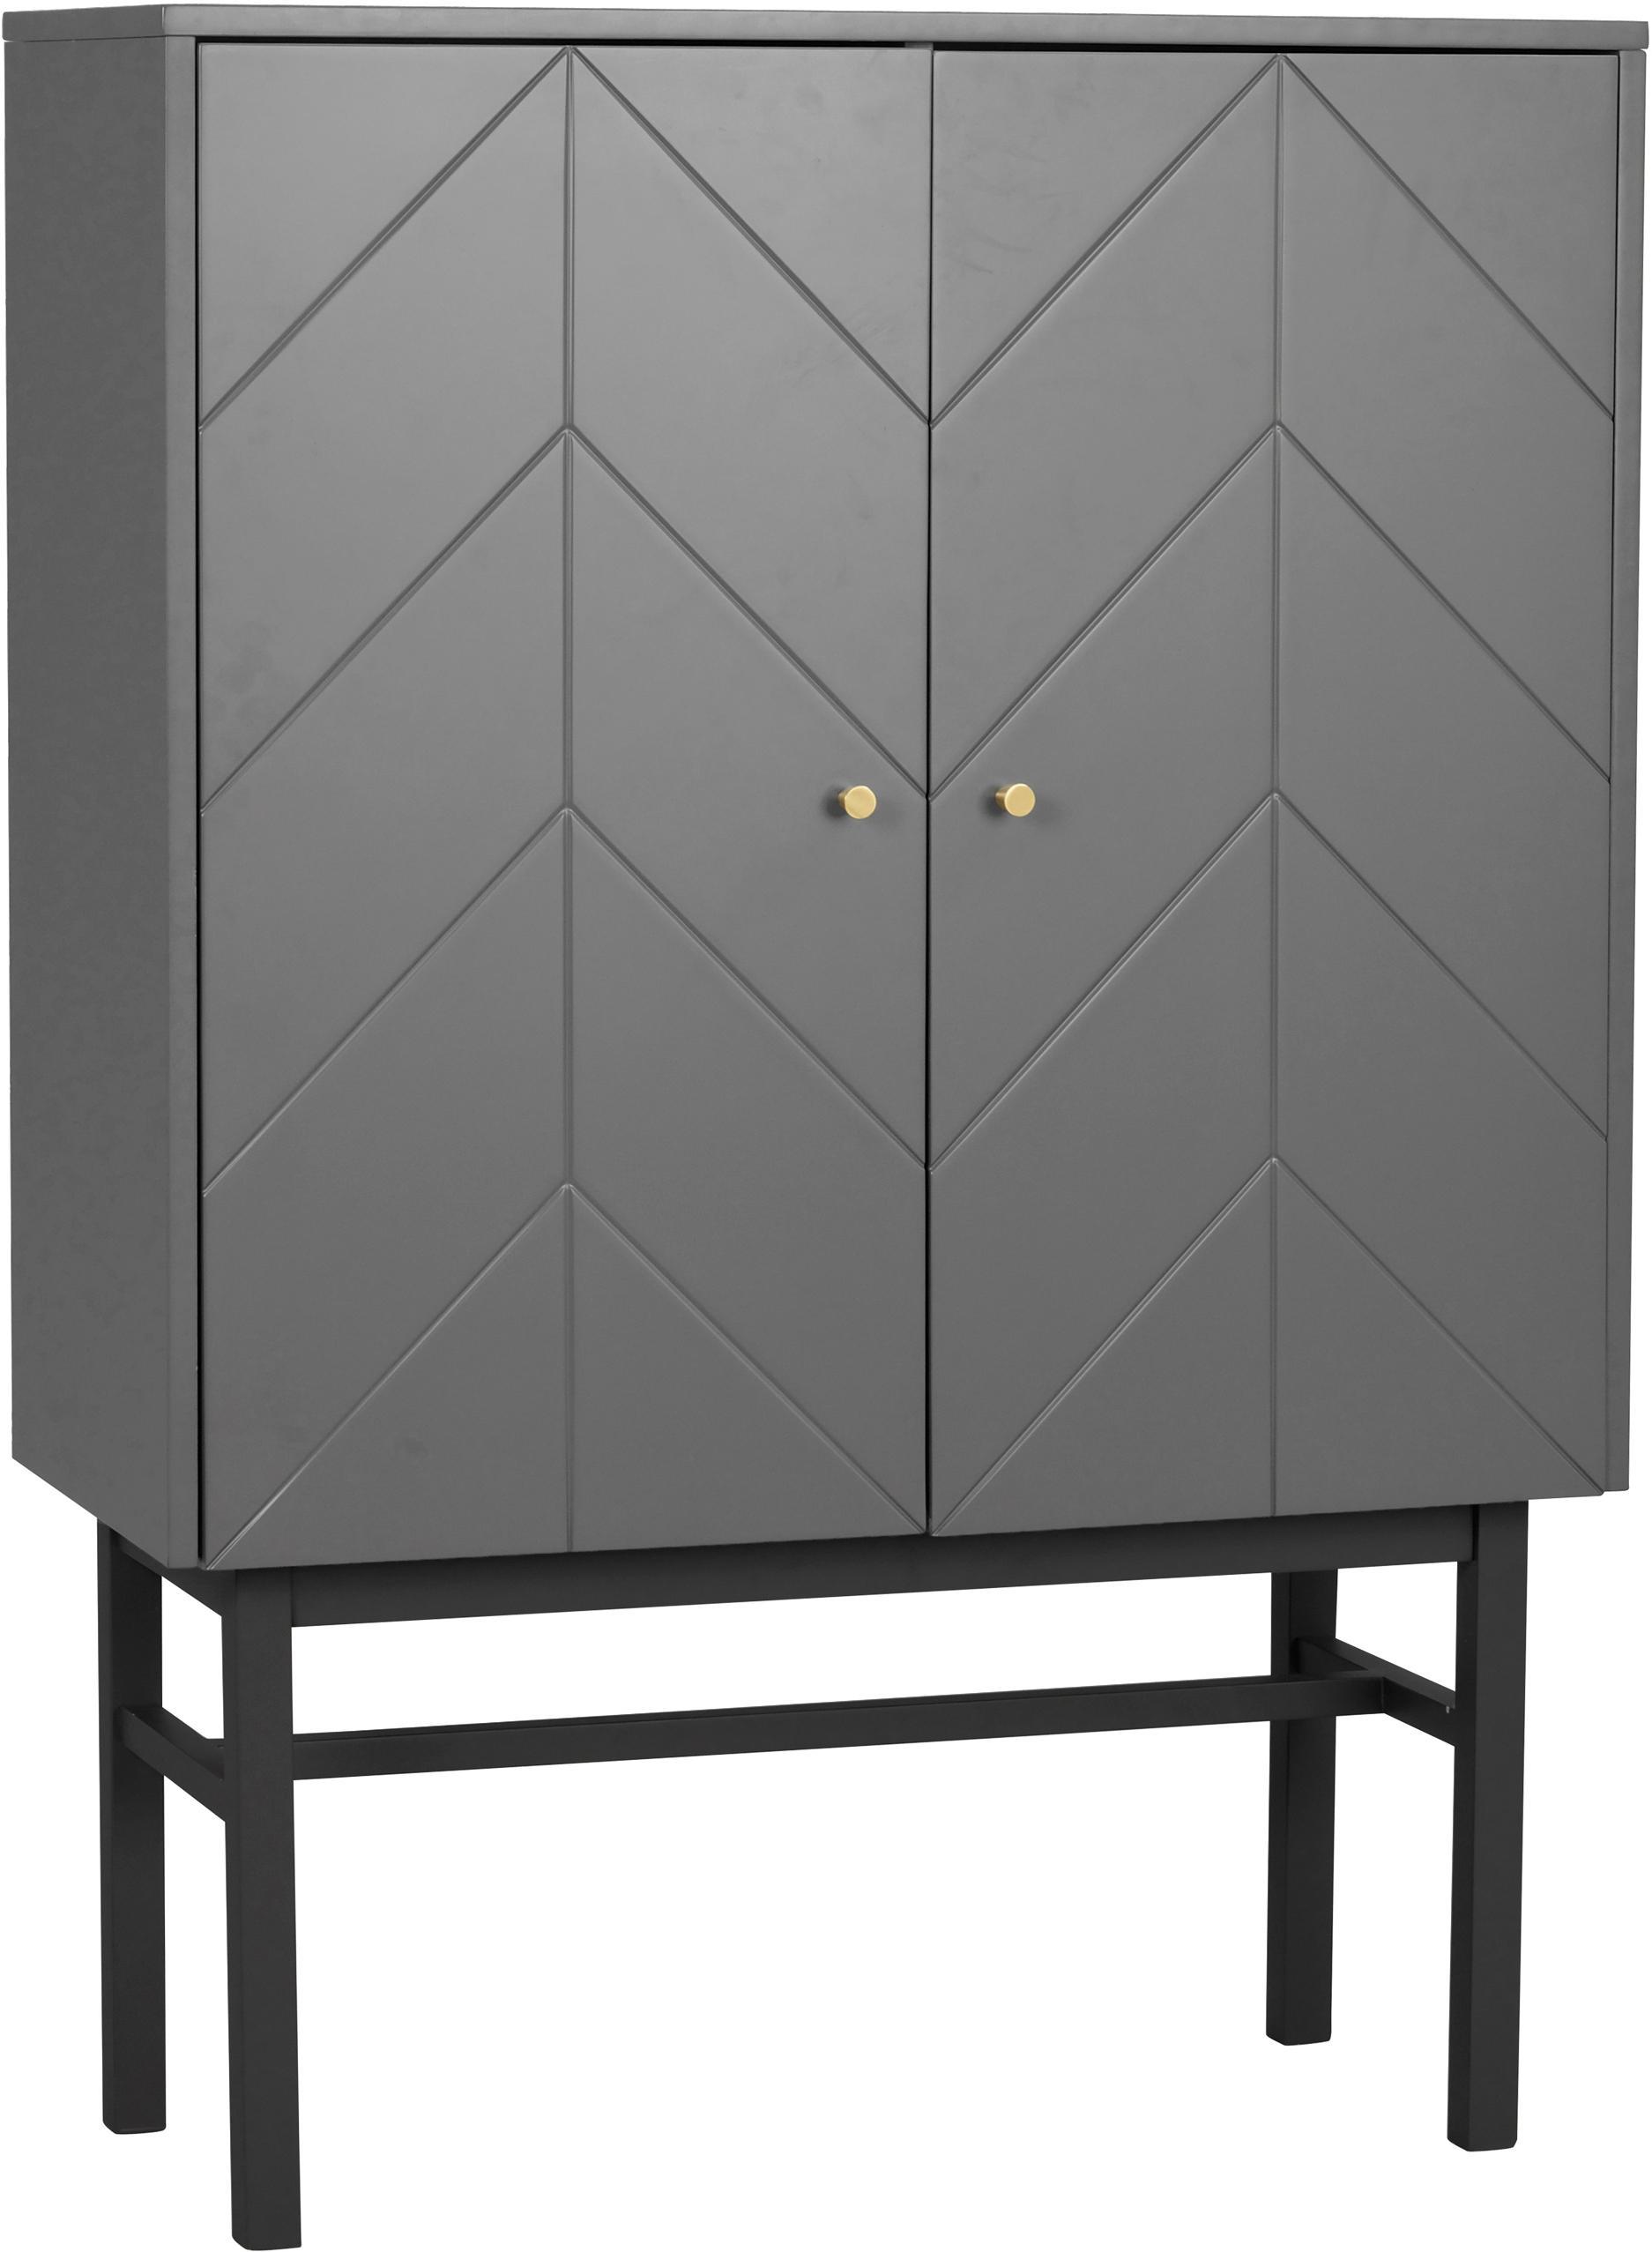 Highboard Webster mit 2 Türen, Korpus: Mitteldichte Holzfaserpla, Beine: Gummibaumholz, massiv, Grau, Anthrazit, 94 x 135 cm